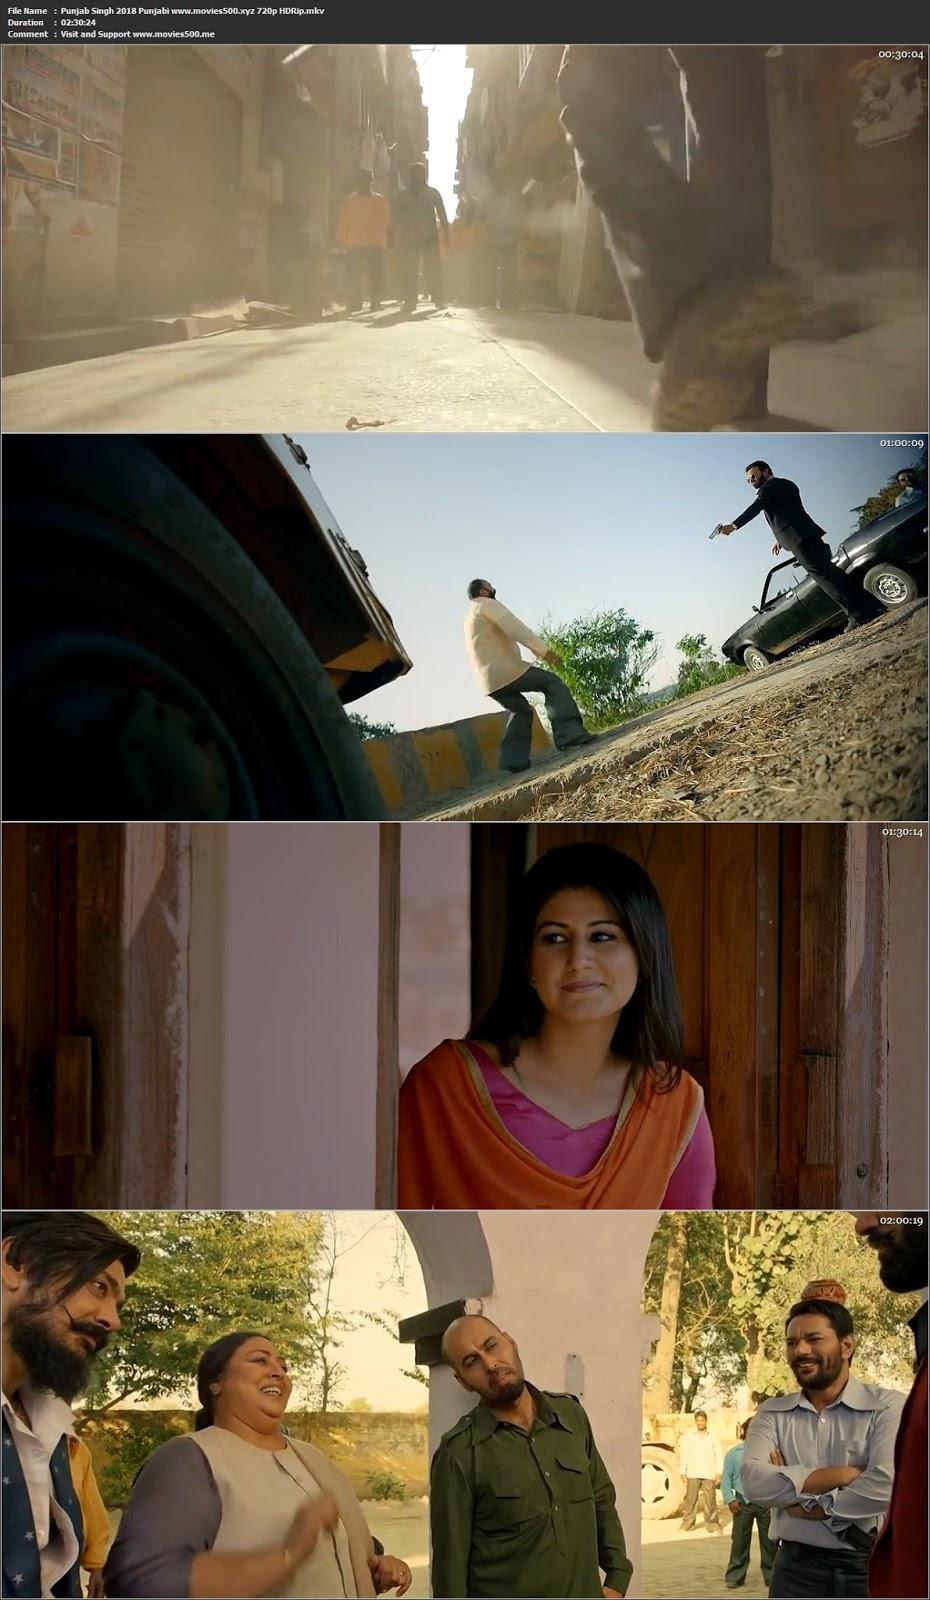 Punjab Singh 2018 Punjabi Full Movie HDRip 720p at lucysdoggrooming.com